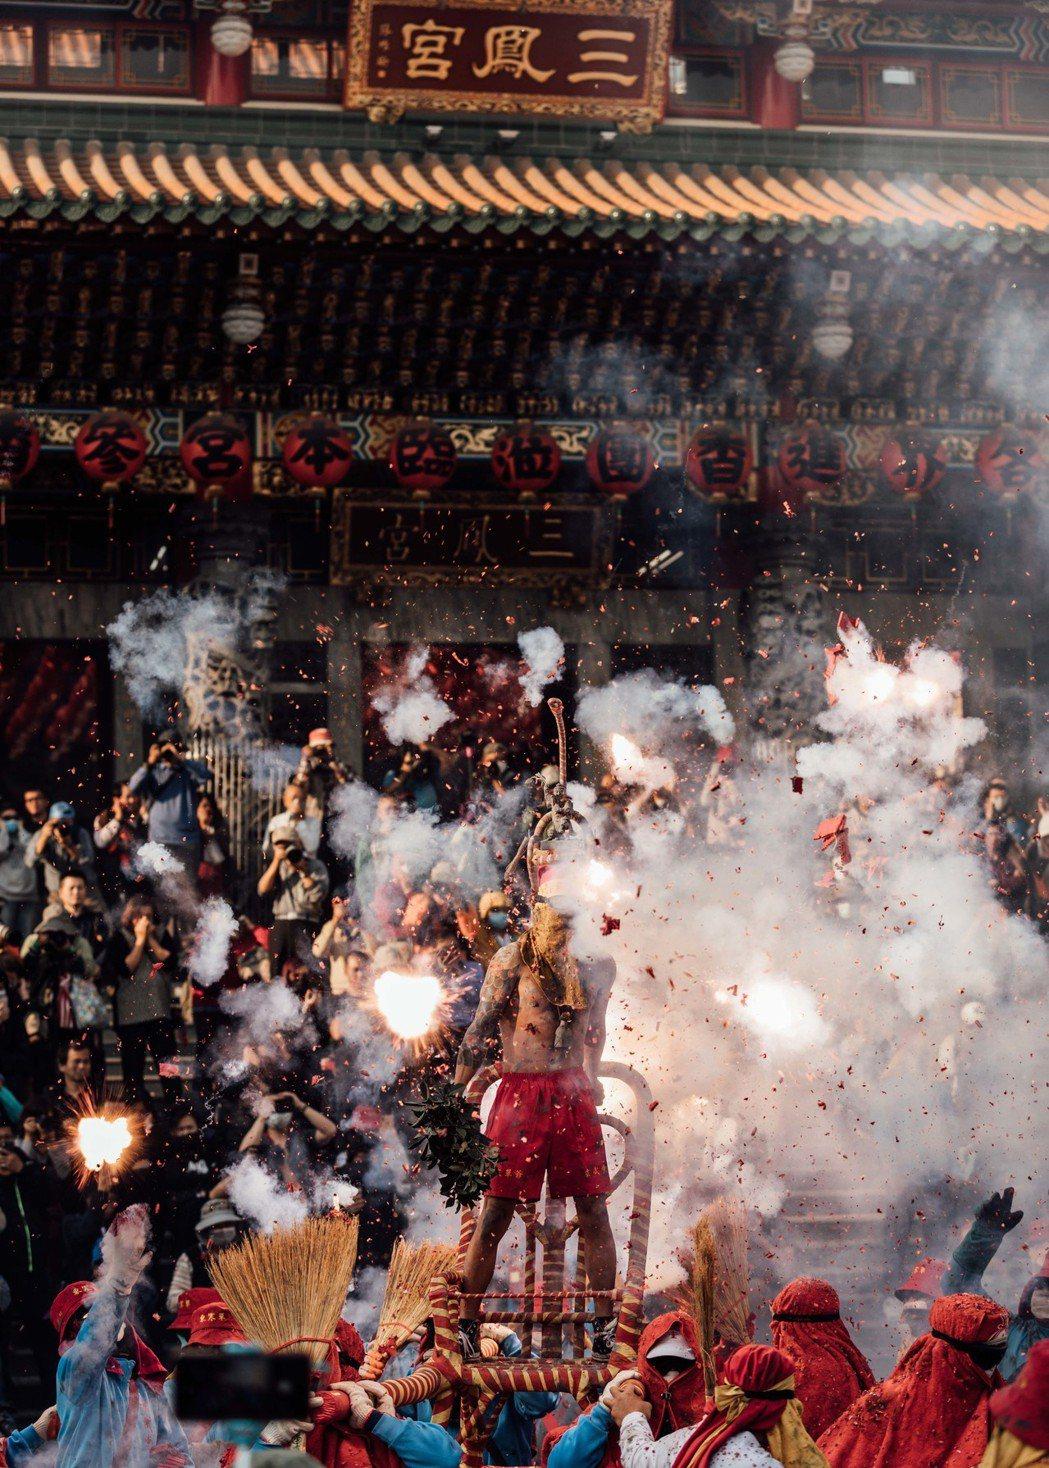 「寒單」在高雄三鳳宮前舉行炮炸寒單的儀式。圖/想亮影藝提供